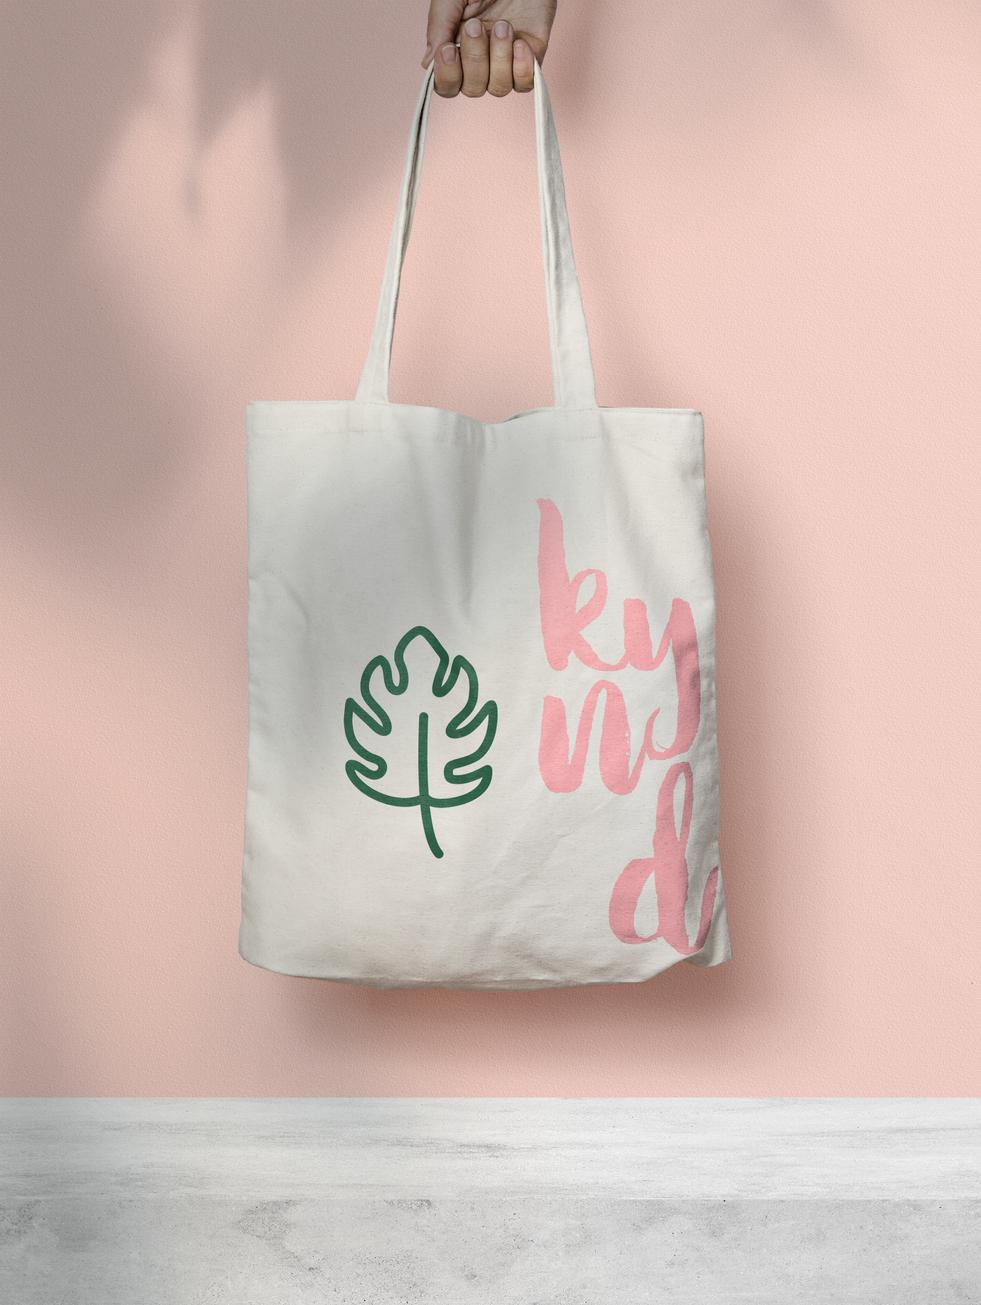 Kynd Canvas Bag